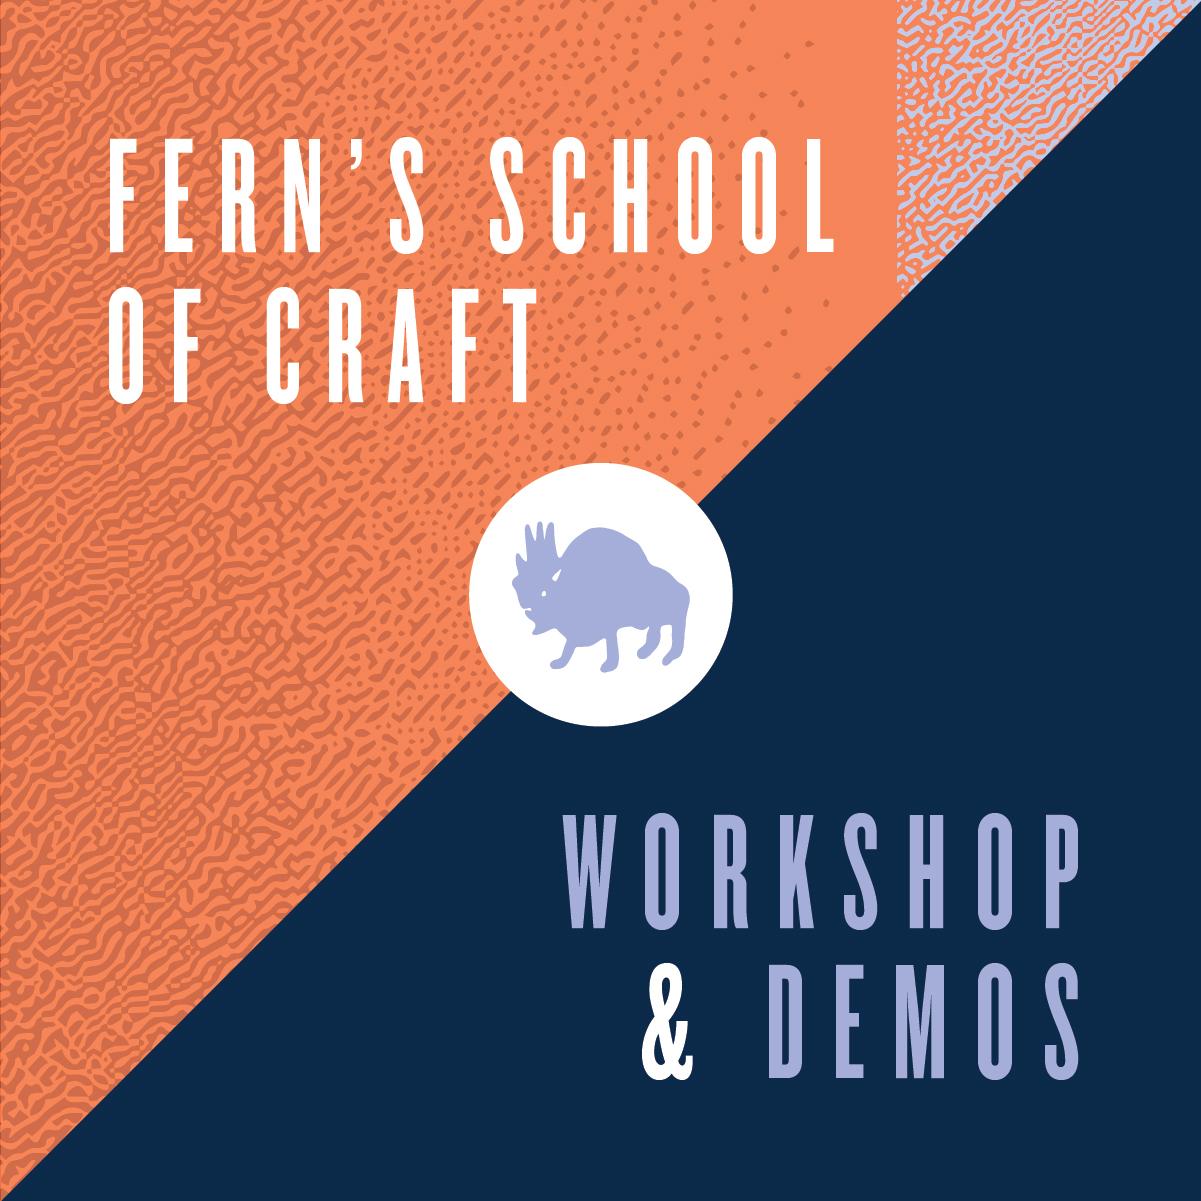 FernsSchoolOfCraft-bisonxmas2017-02.jpg